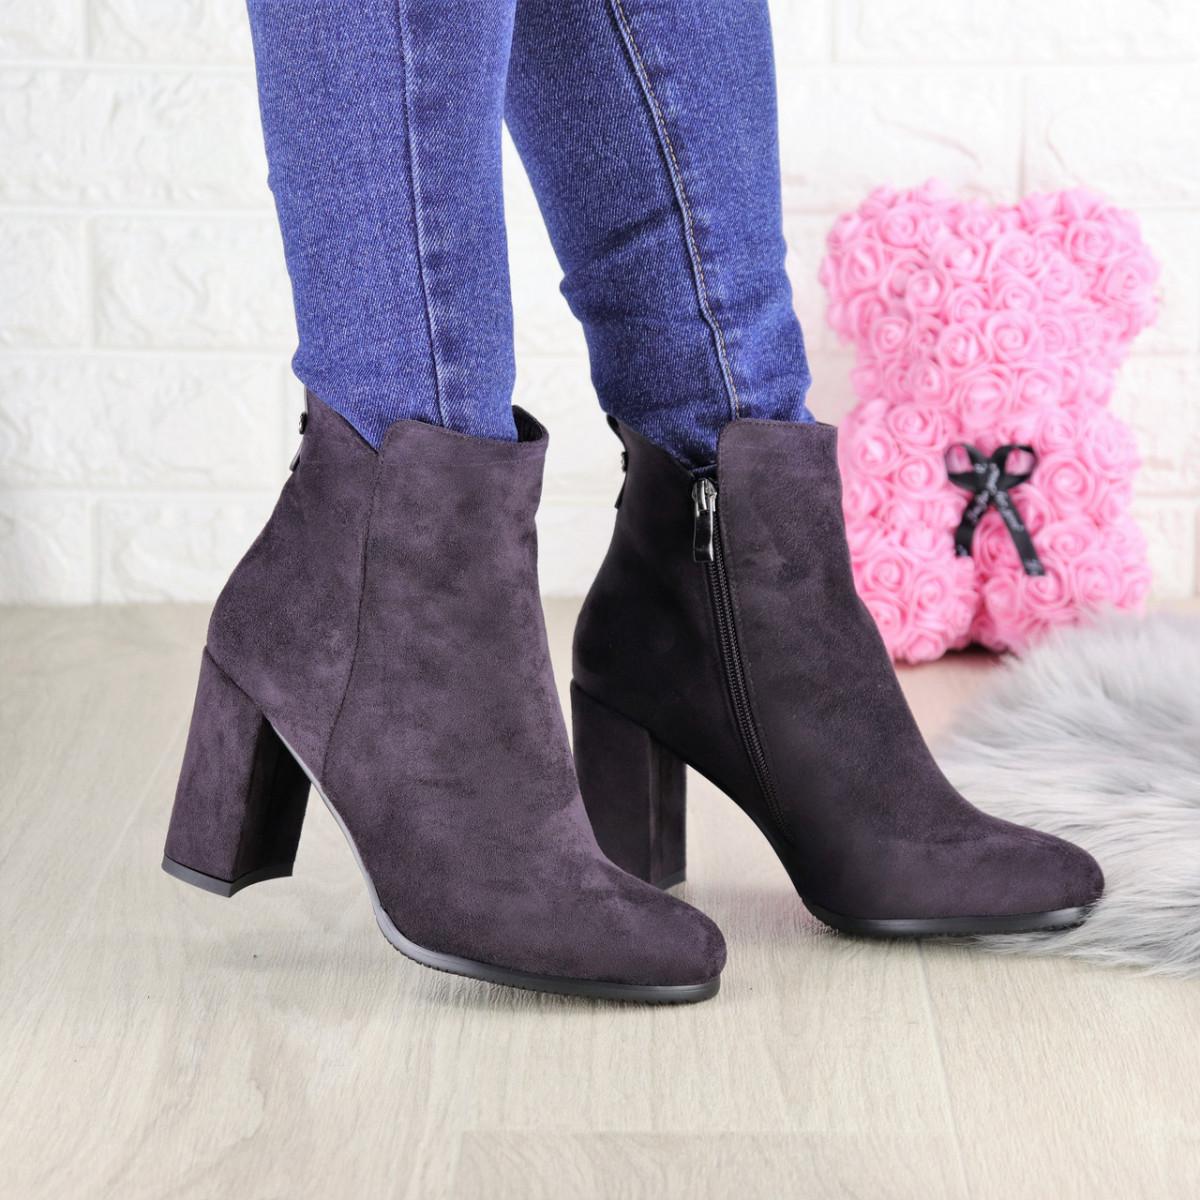 Женские ботинки на каблуке Lucky пурпурные 1428